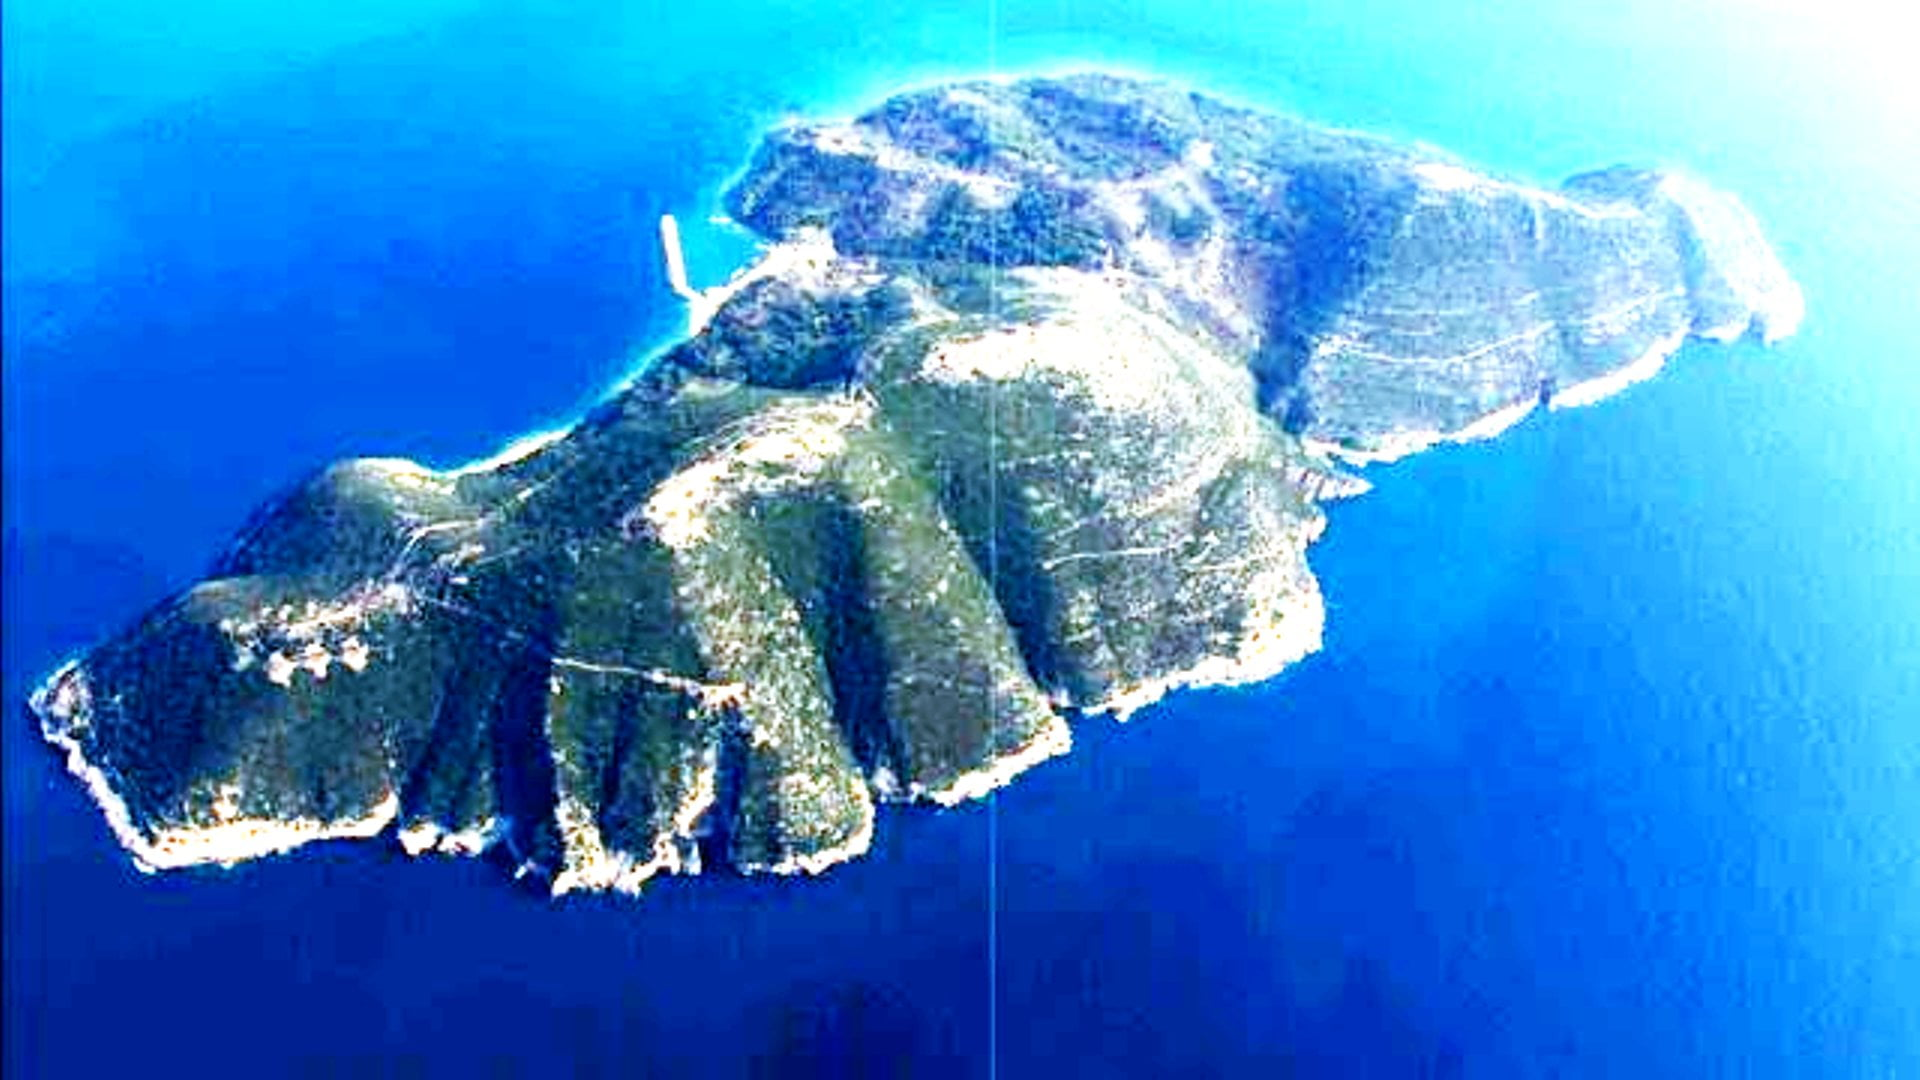 Νήσος Σάσων: Πώς παραχωρήθηκε στην Αλβανία με Νόμο μια νησίδα στρατηγικής σημασίας (1914)